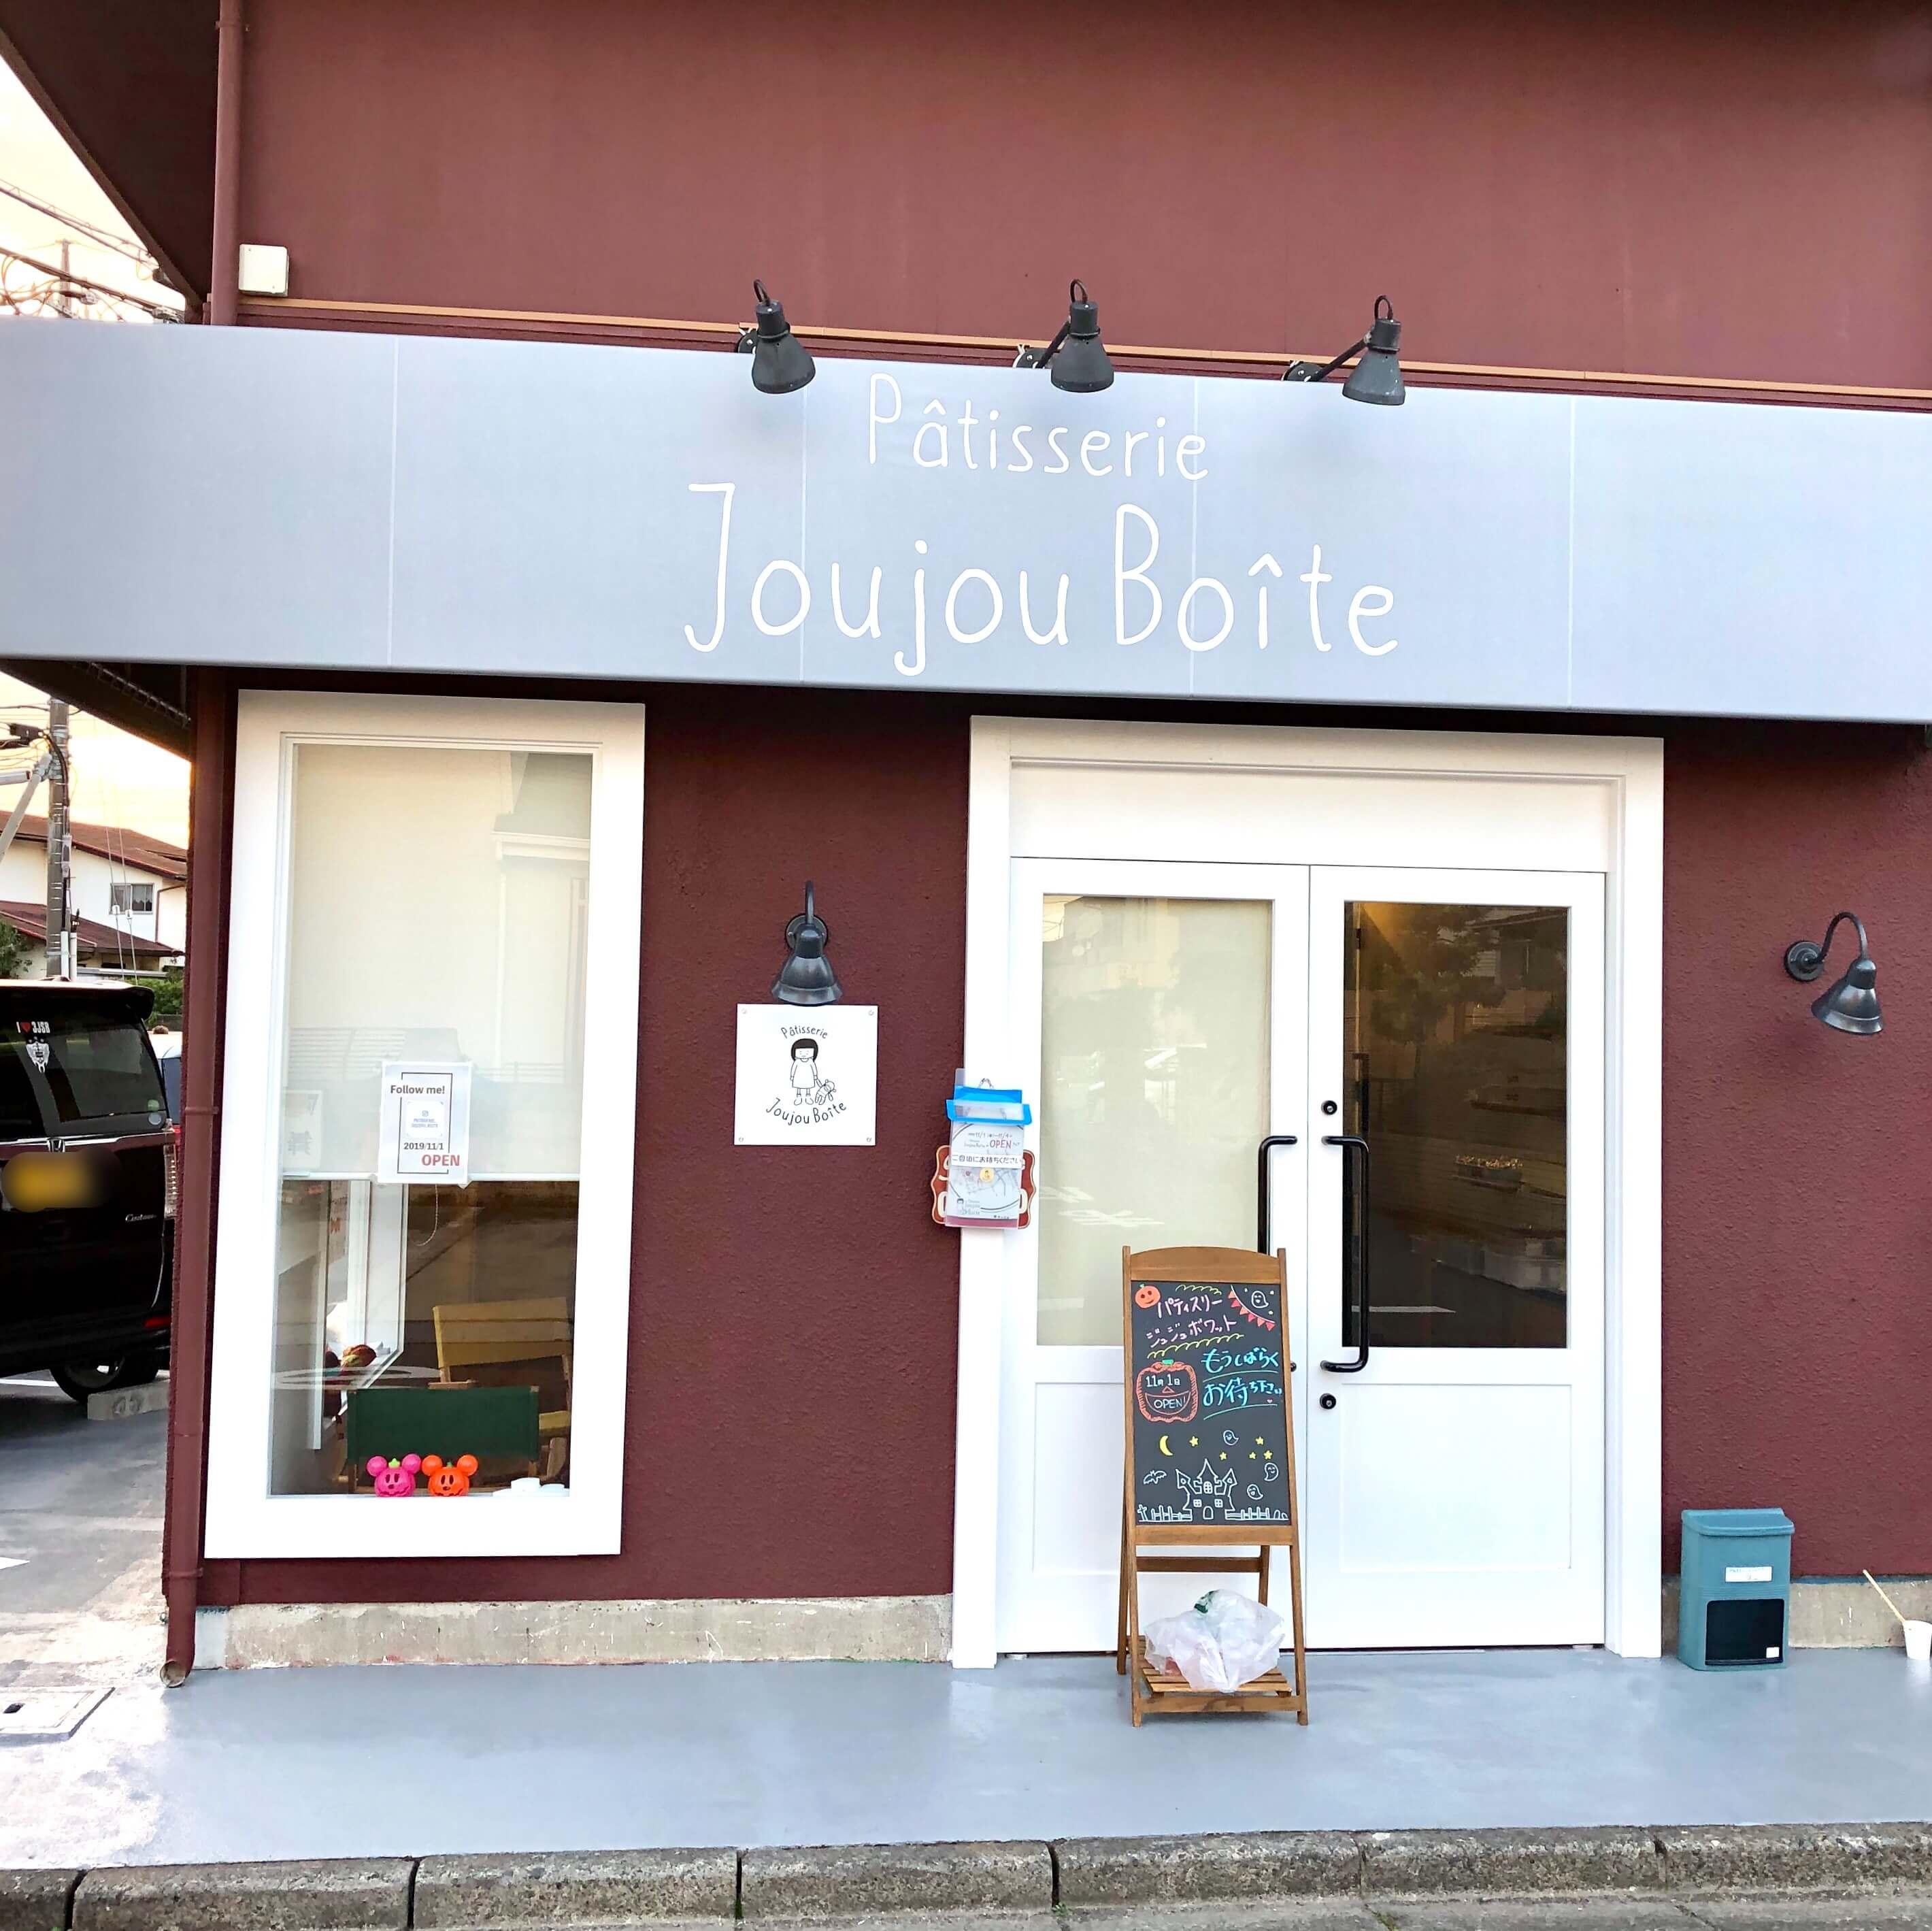 上尾市小泉に『パティスリー ジュジュボワット』がニューオープン!